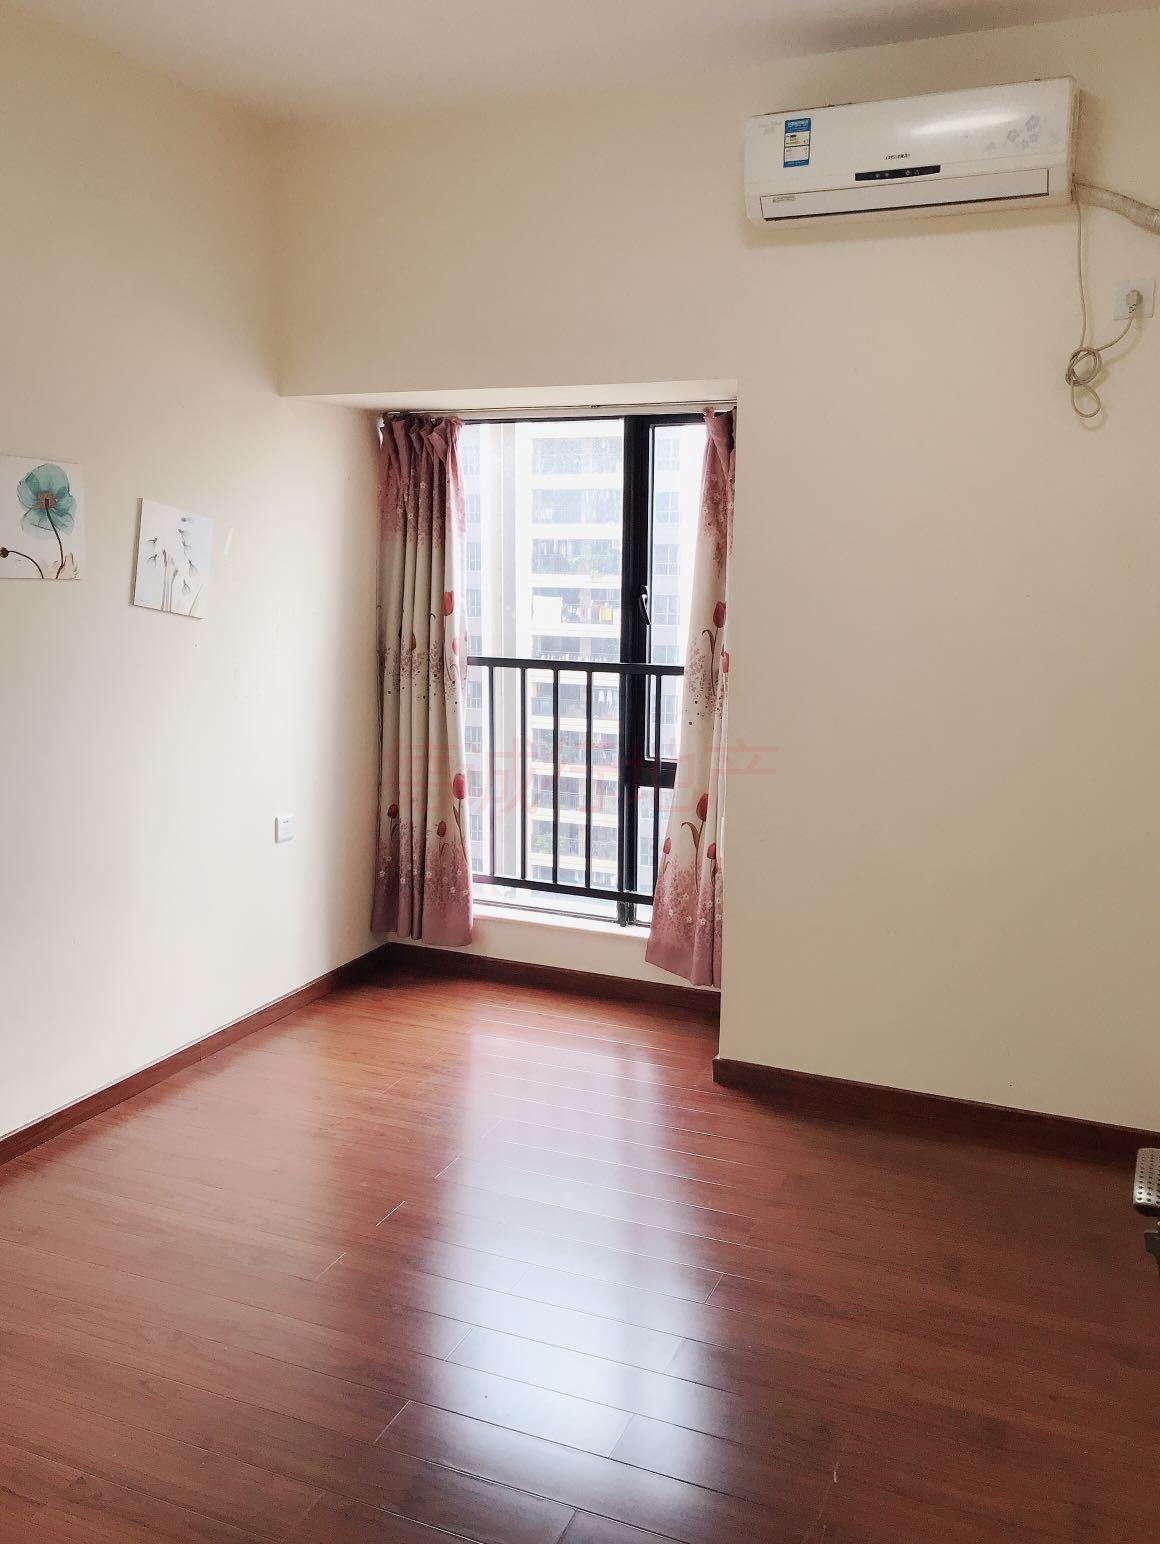 琶洲新村2室1厅1卫南朝向